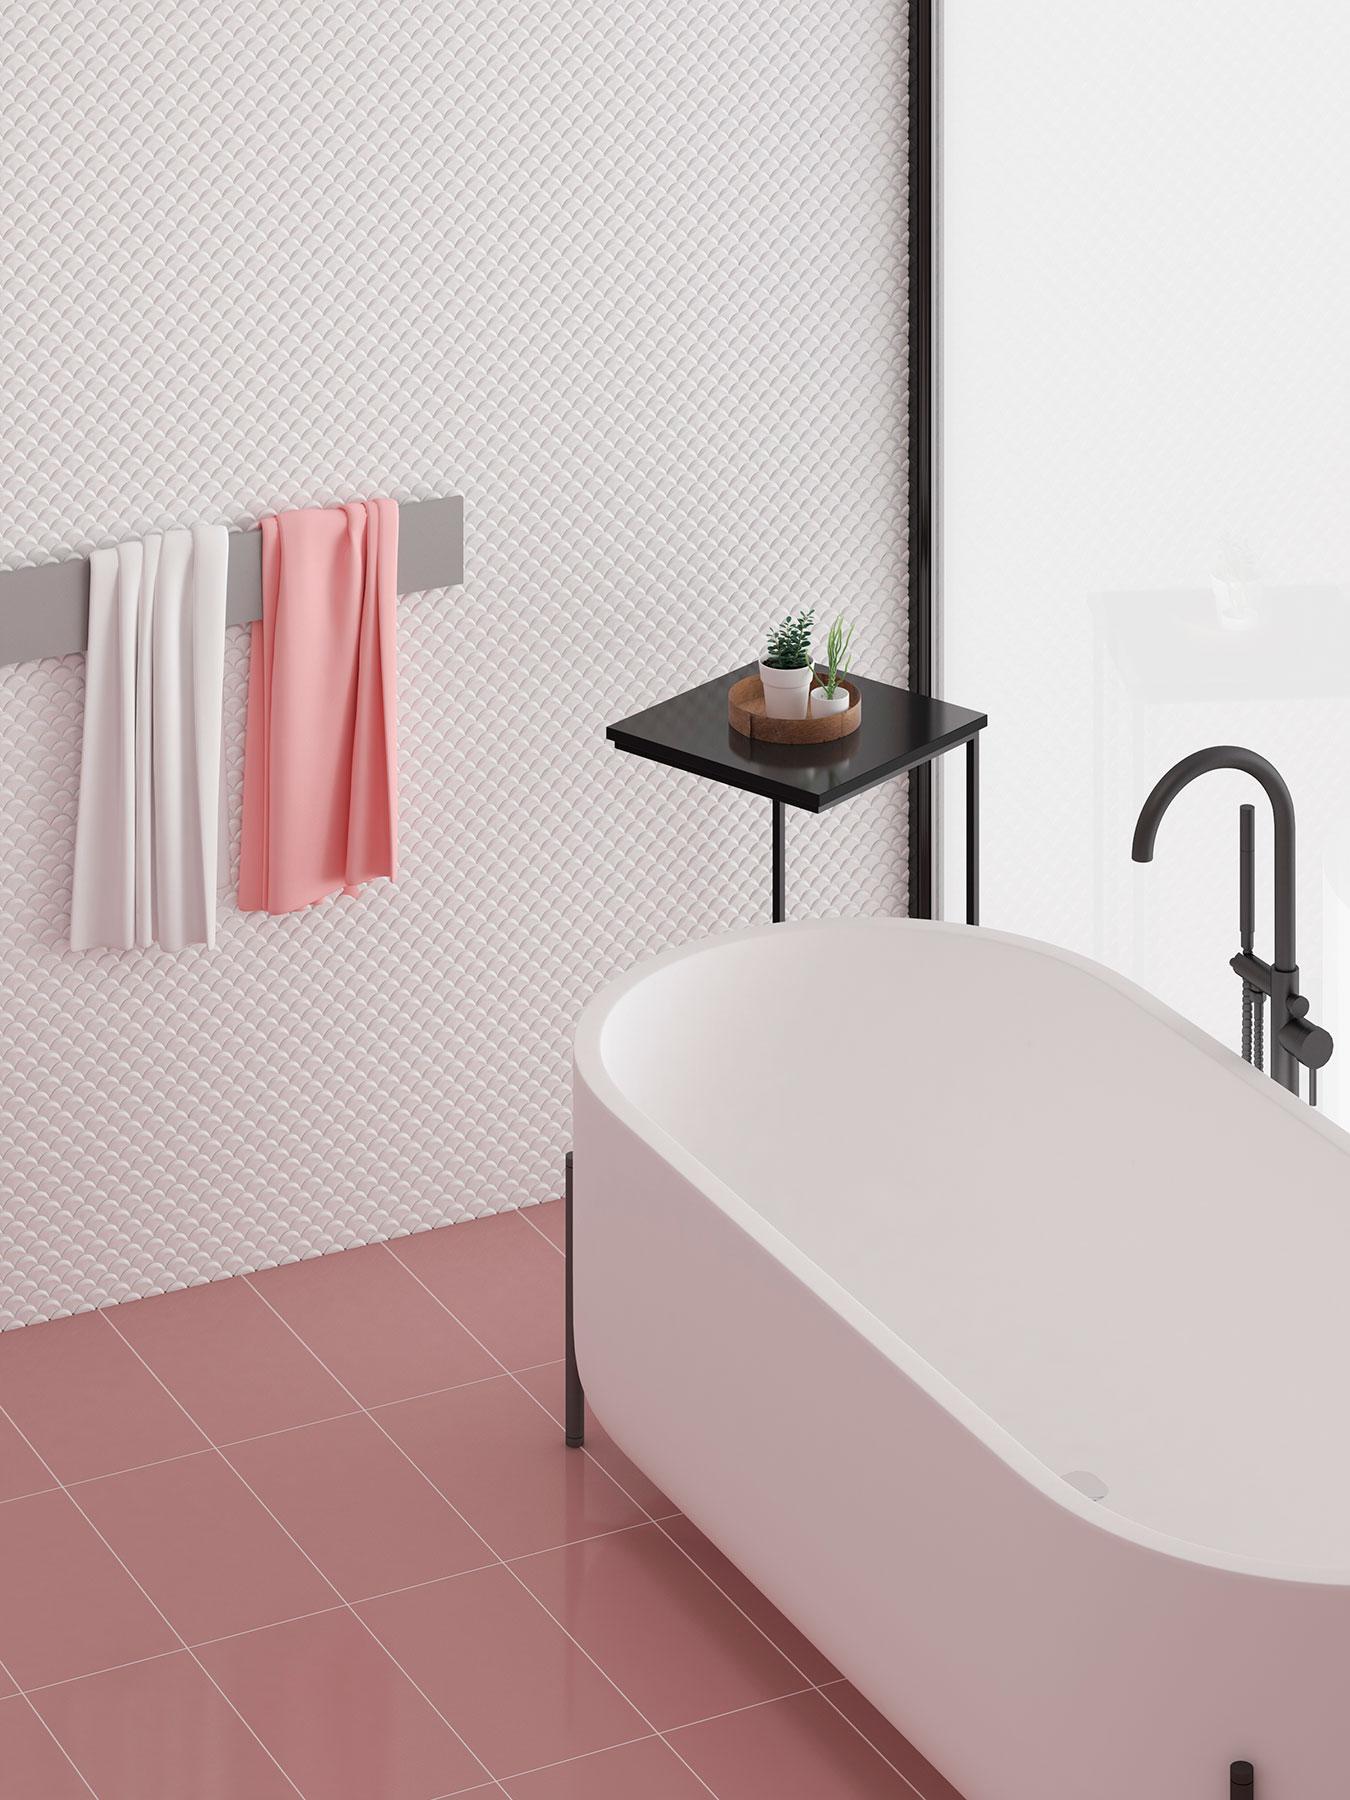 Dimension White Br - Mosaico Decorativo: Tendencia Para Baños Y Cocinas 2021 - Decoración